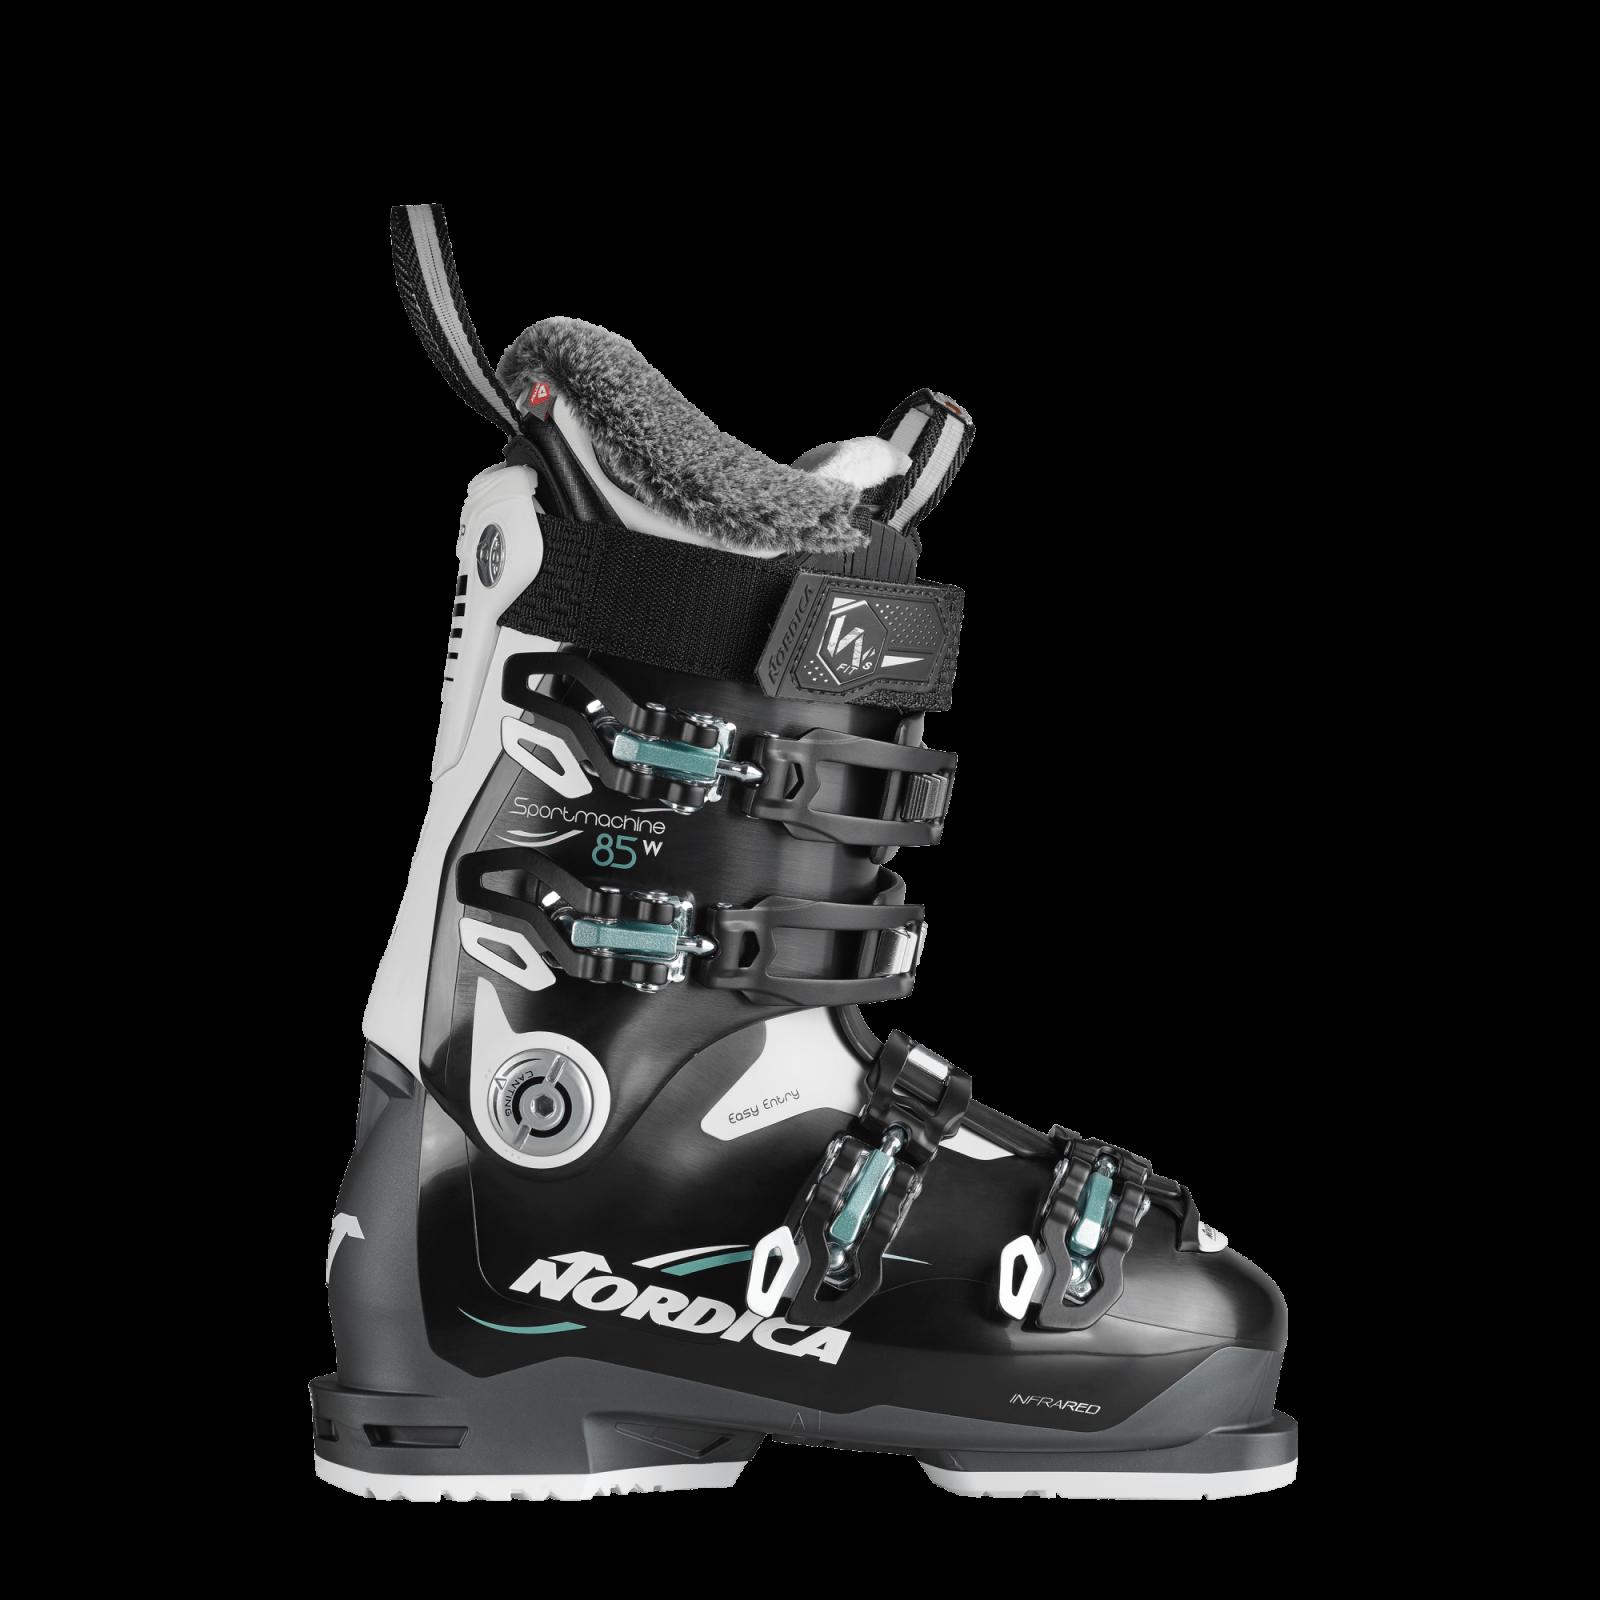 Nordica Women's Sportmachine 85 Ski Boots